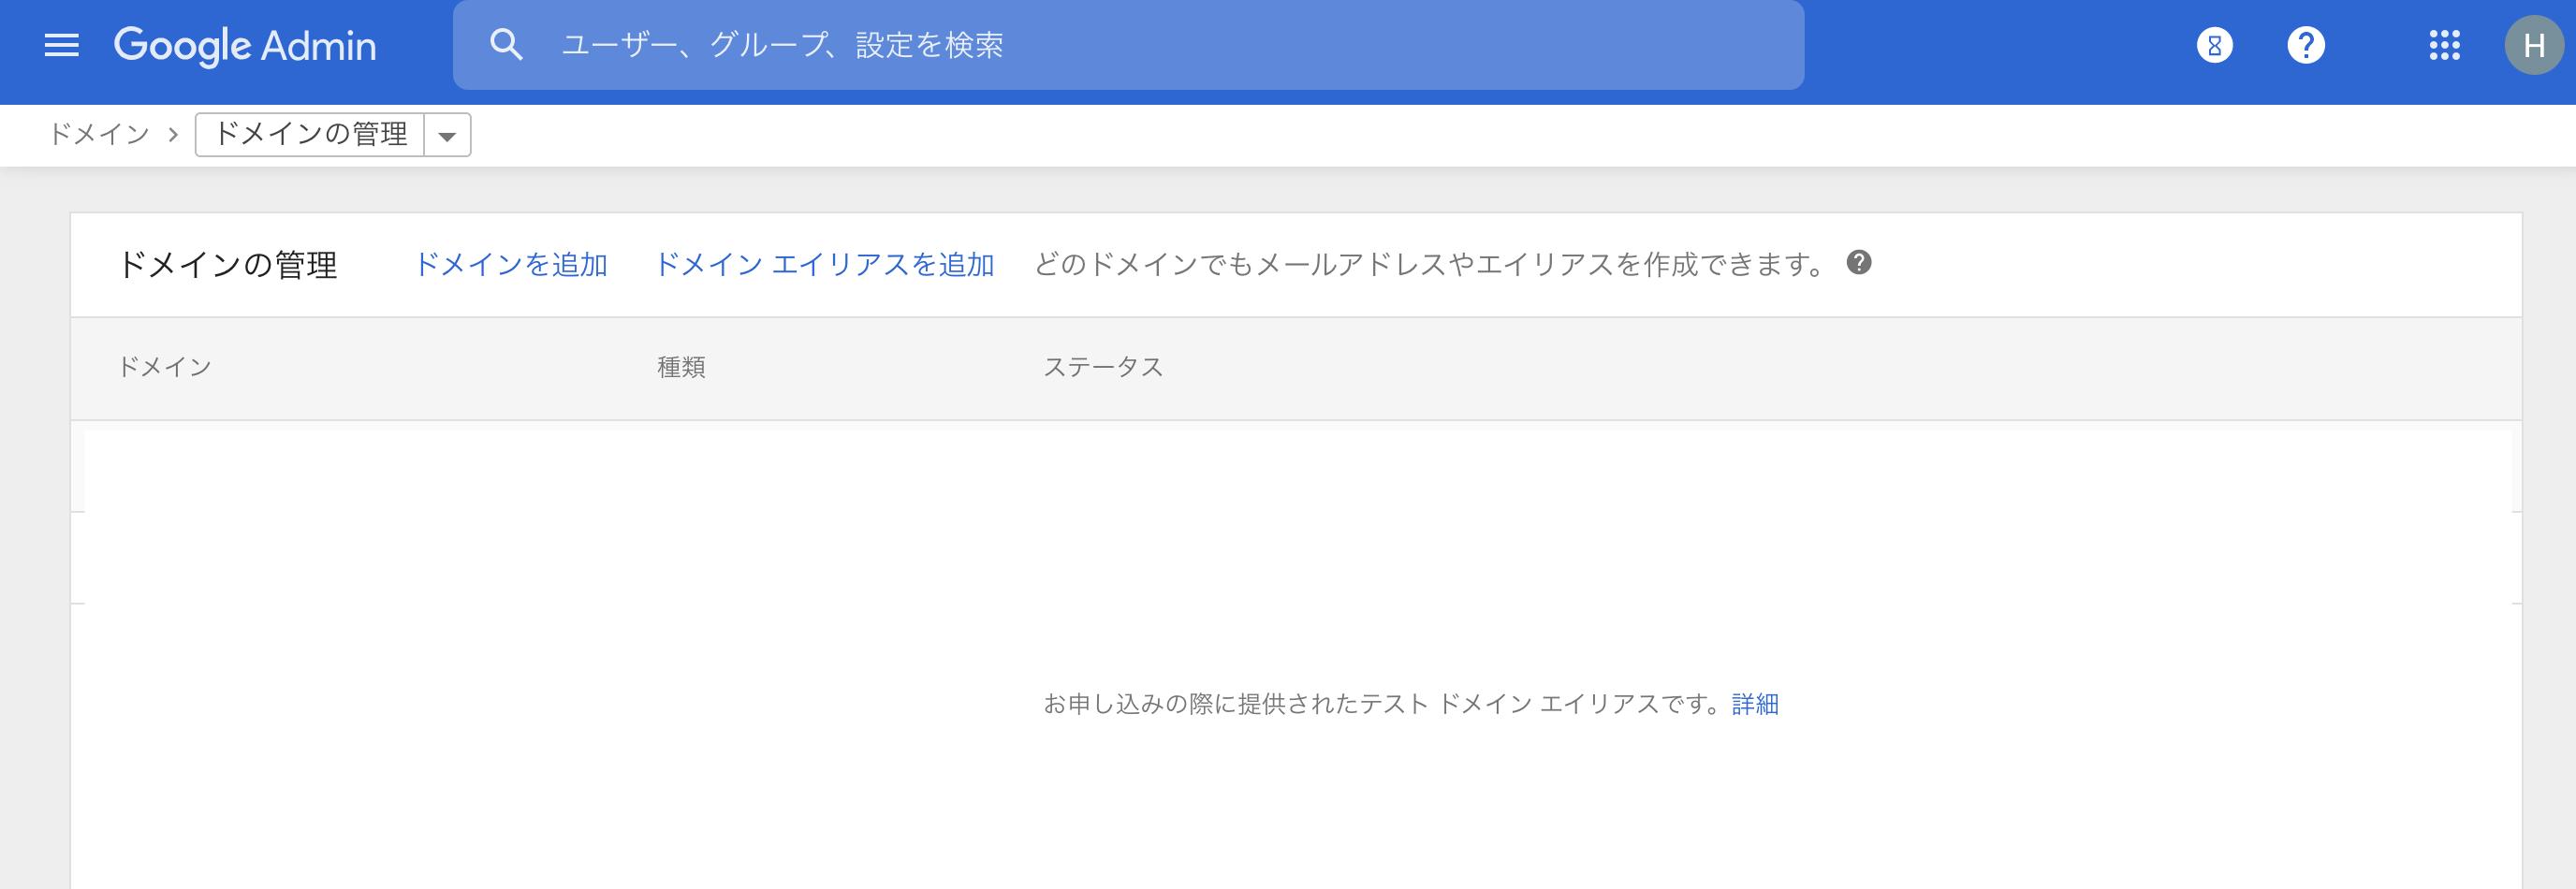 Screen_Shot_2020-05-15_at_17.03.38.png